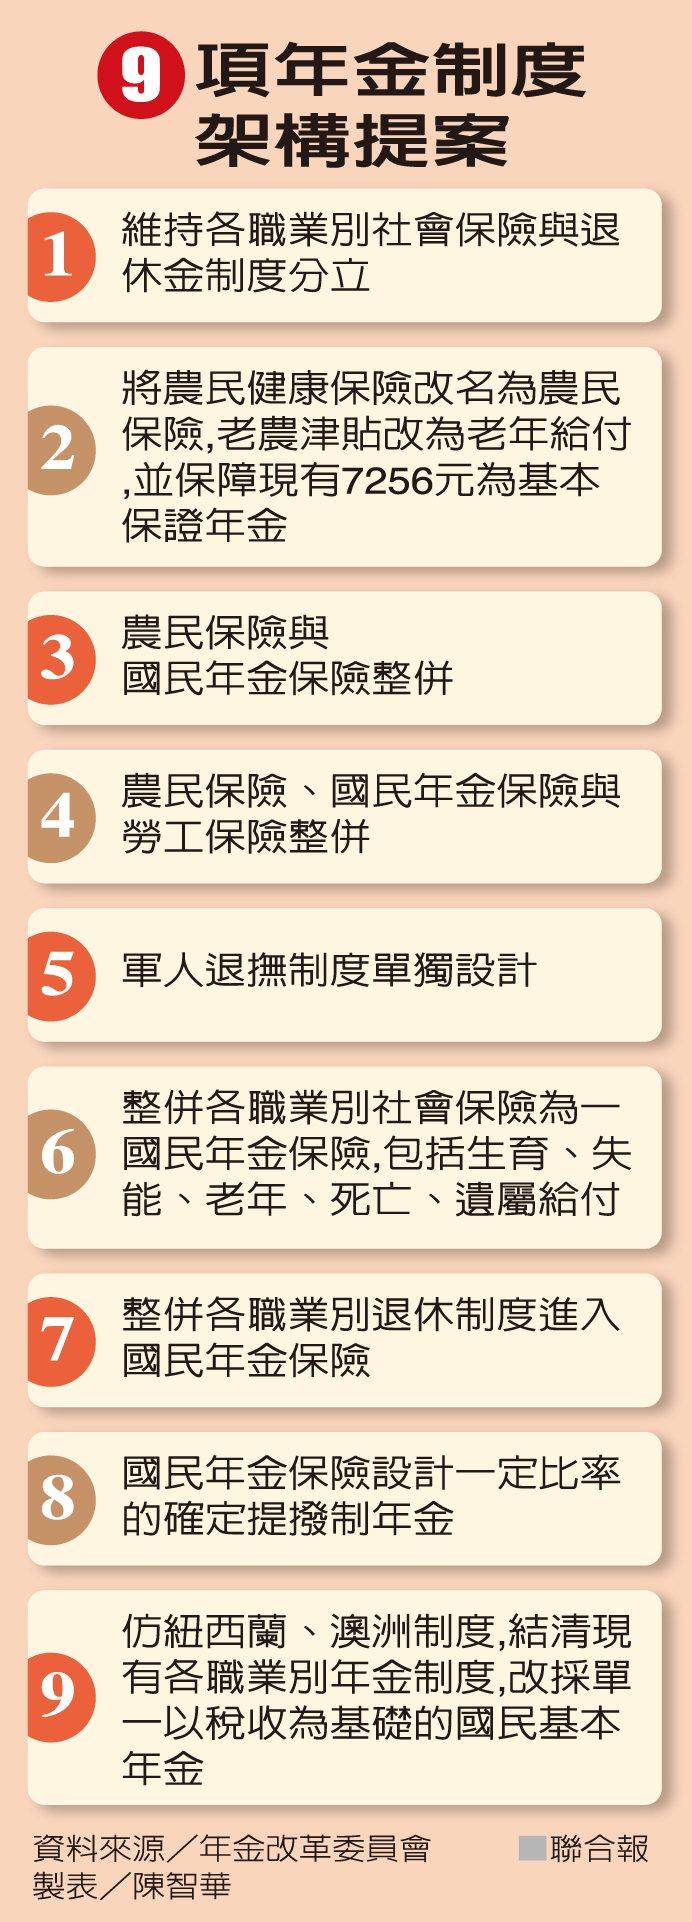 9項年金制度架構提案 圖/聯合報提供